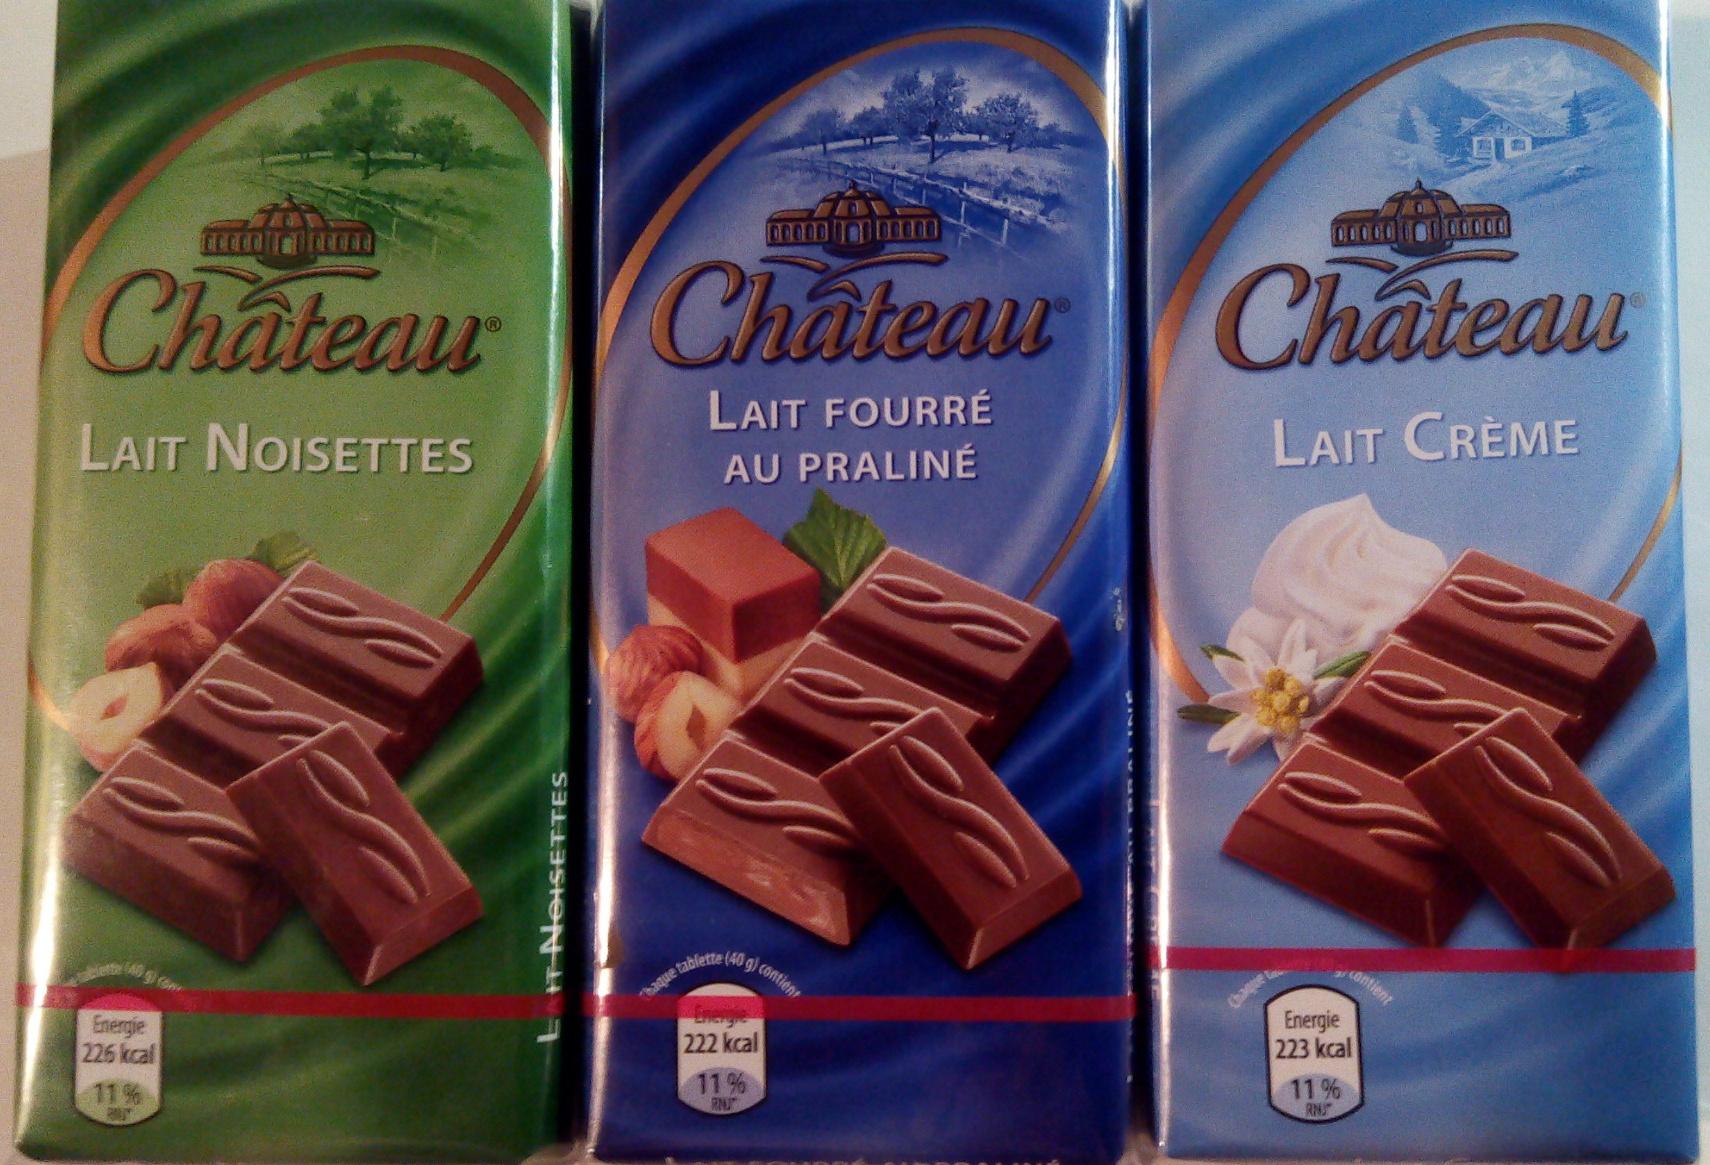 Chocolat au lait noisette ou lait fourré praliné ou lait crème - Produit - fr